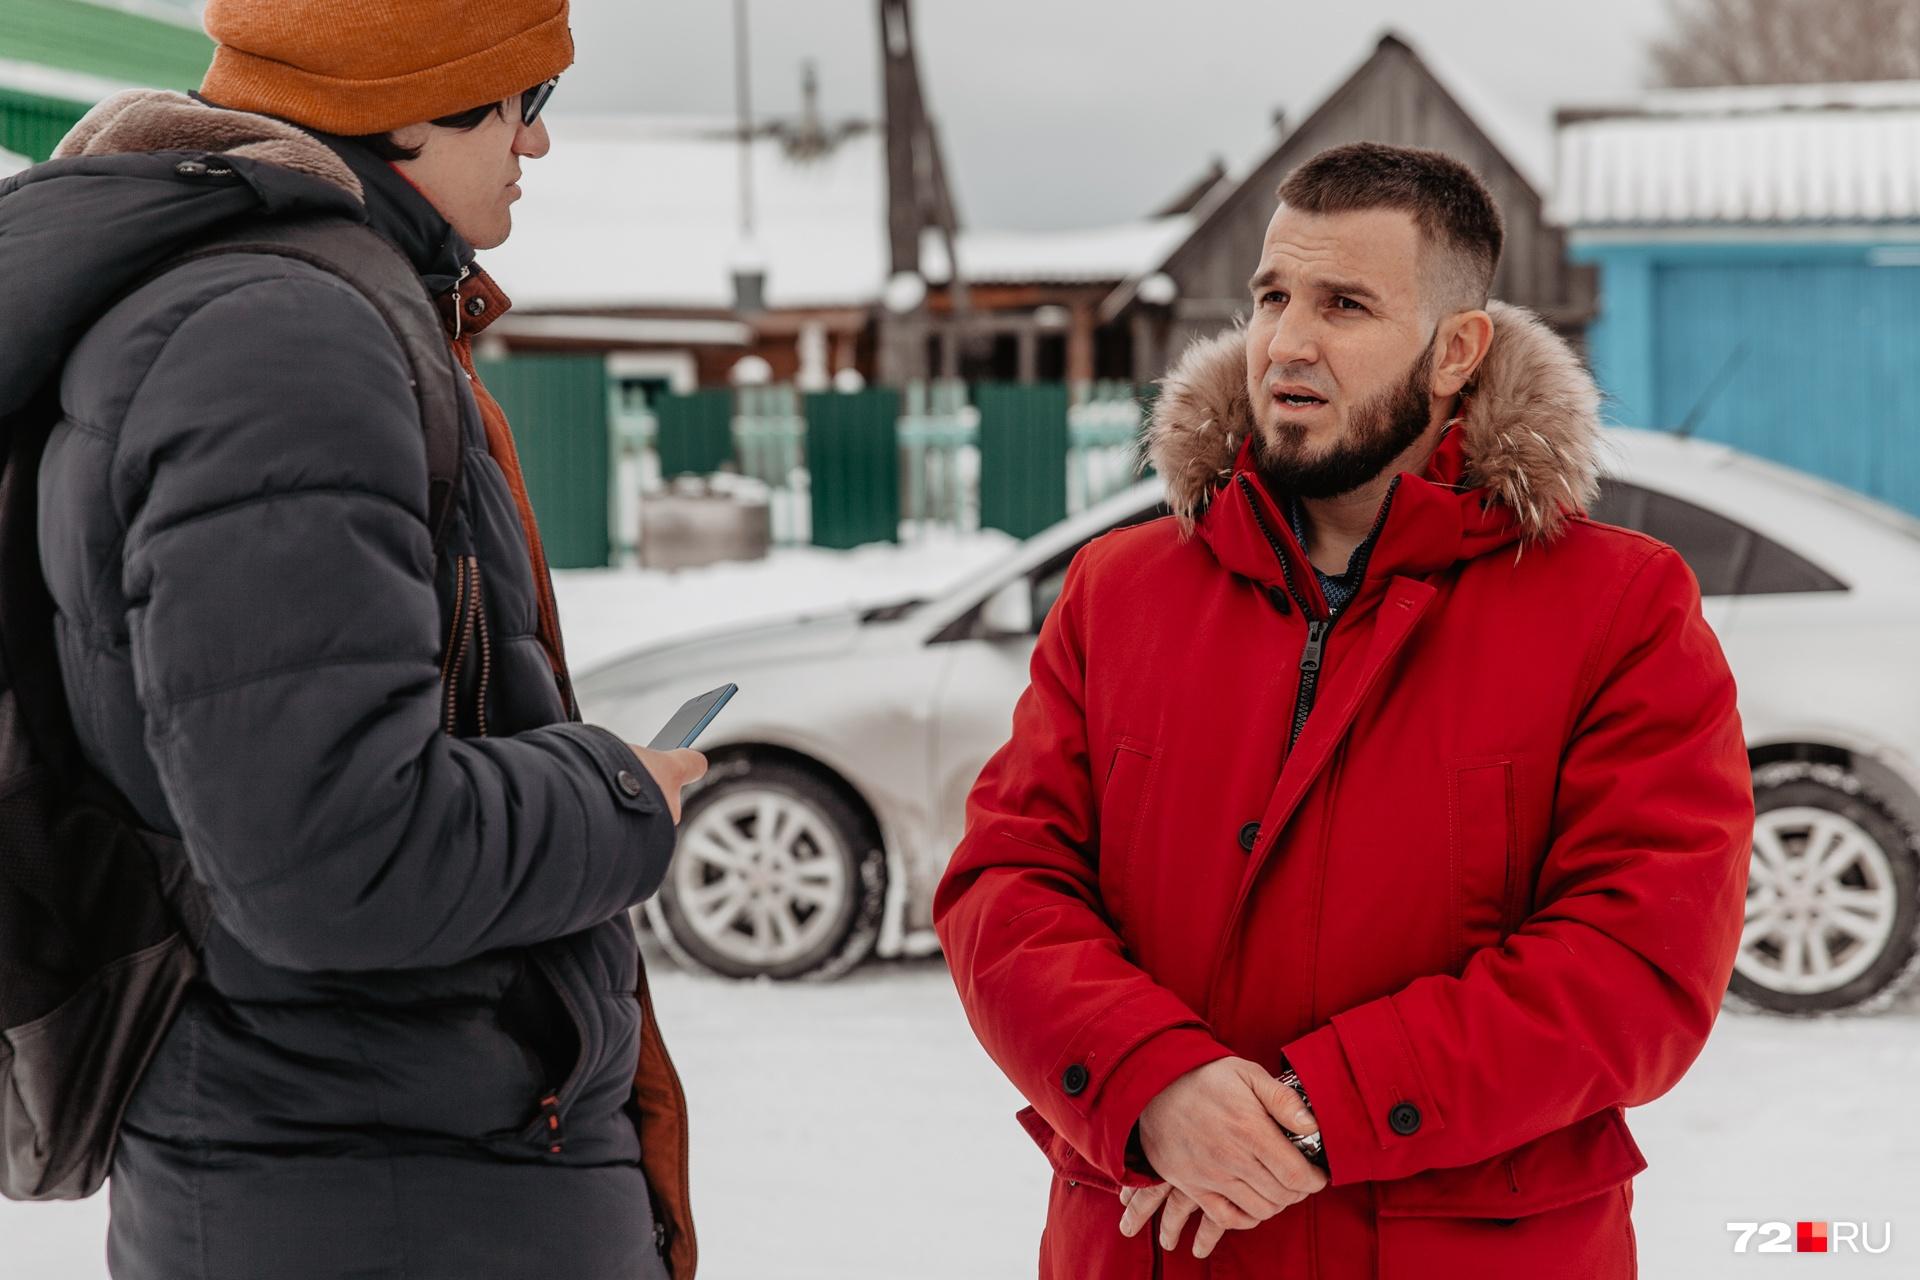 В селе нет мечети. Халилов хочет построить ее. Обещает, что будет добиваться всего необходимого для родного места